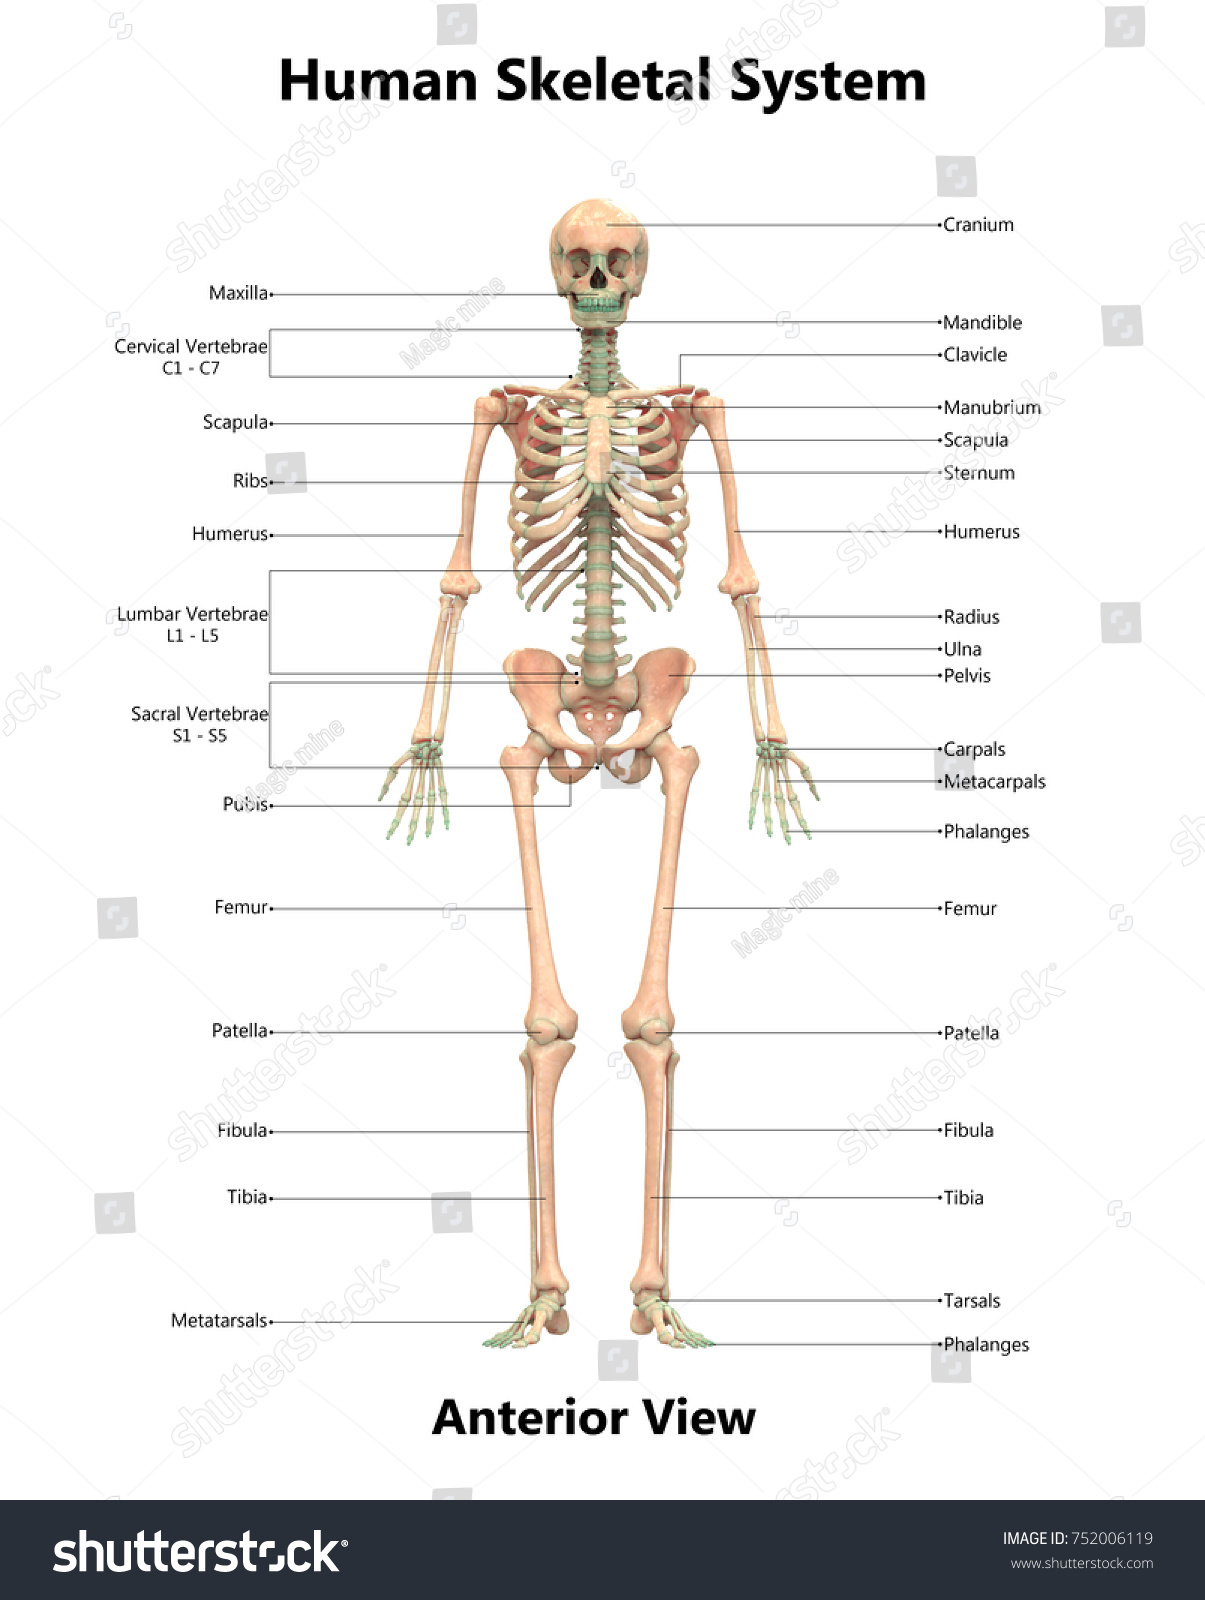 Human Skeletal System Anatomy Detailed Labels Stock Illustration ...